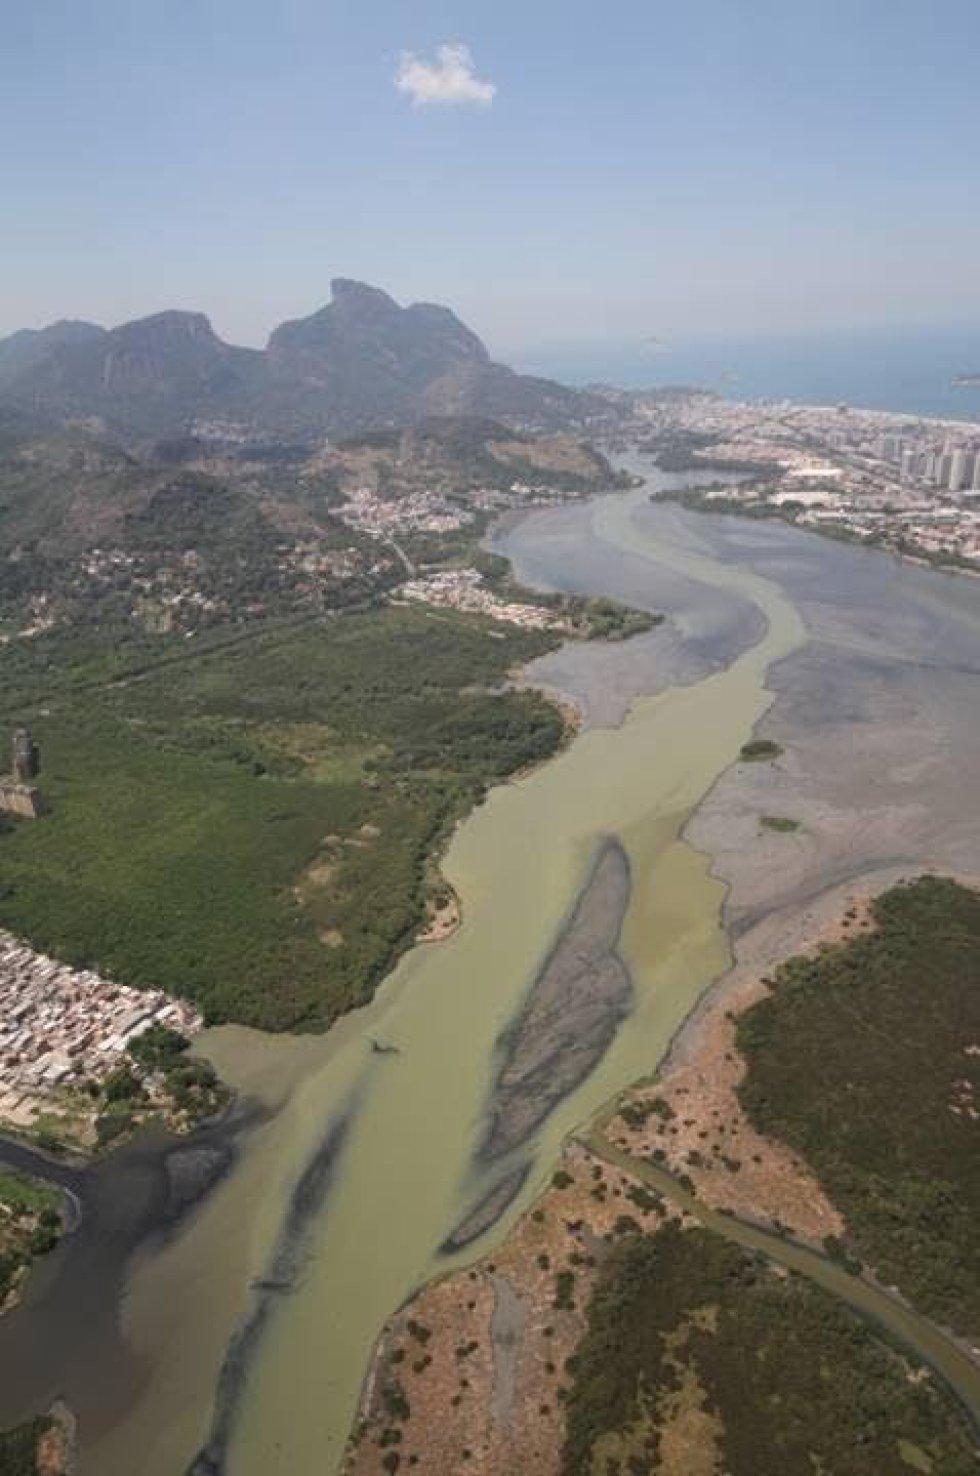 Uma foto aérea tomada pelo biólogo Mario Moscatelli no ano passado mostra a contaminação por esgoto nas lagoas da Barra e Jacarepagua.